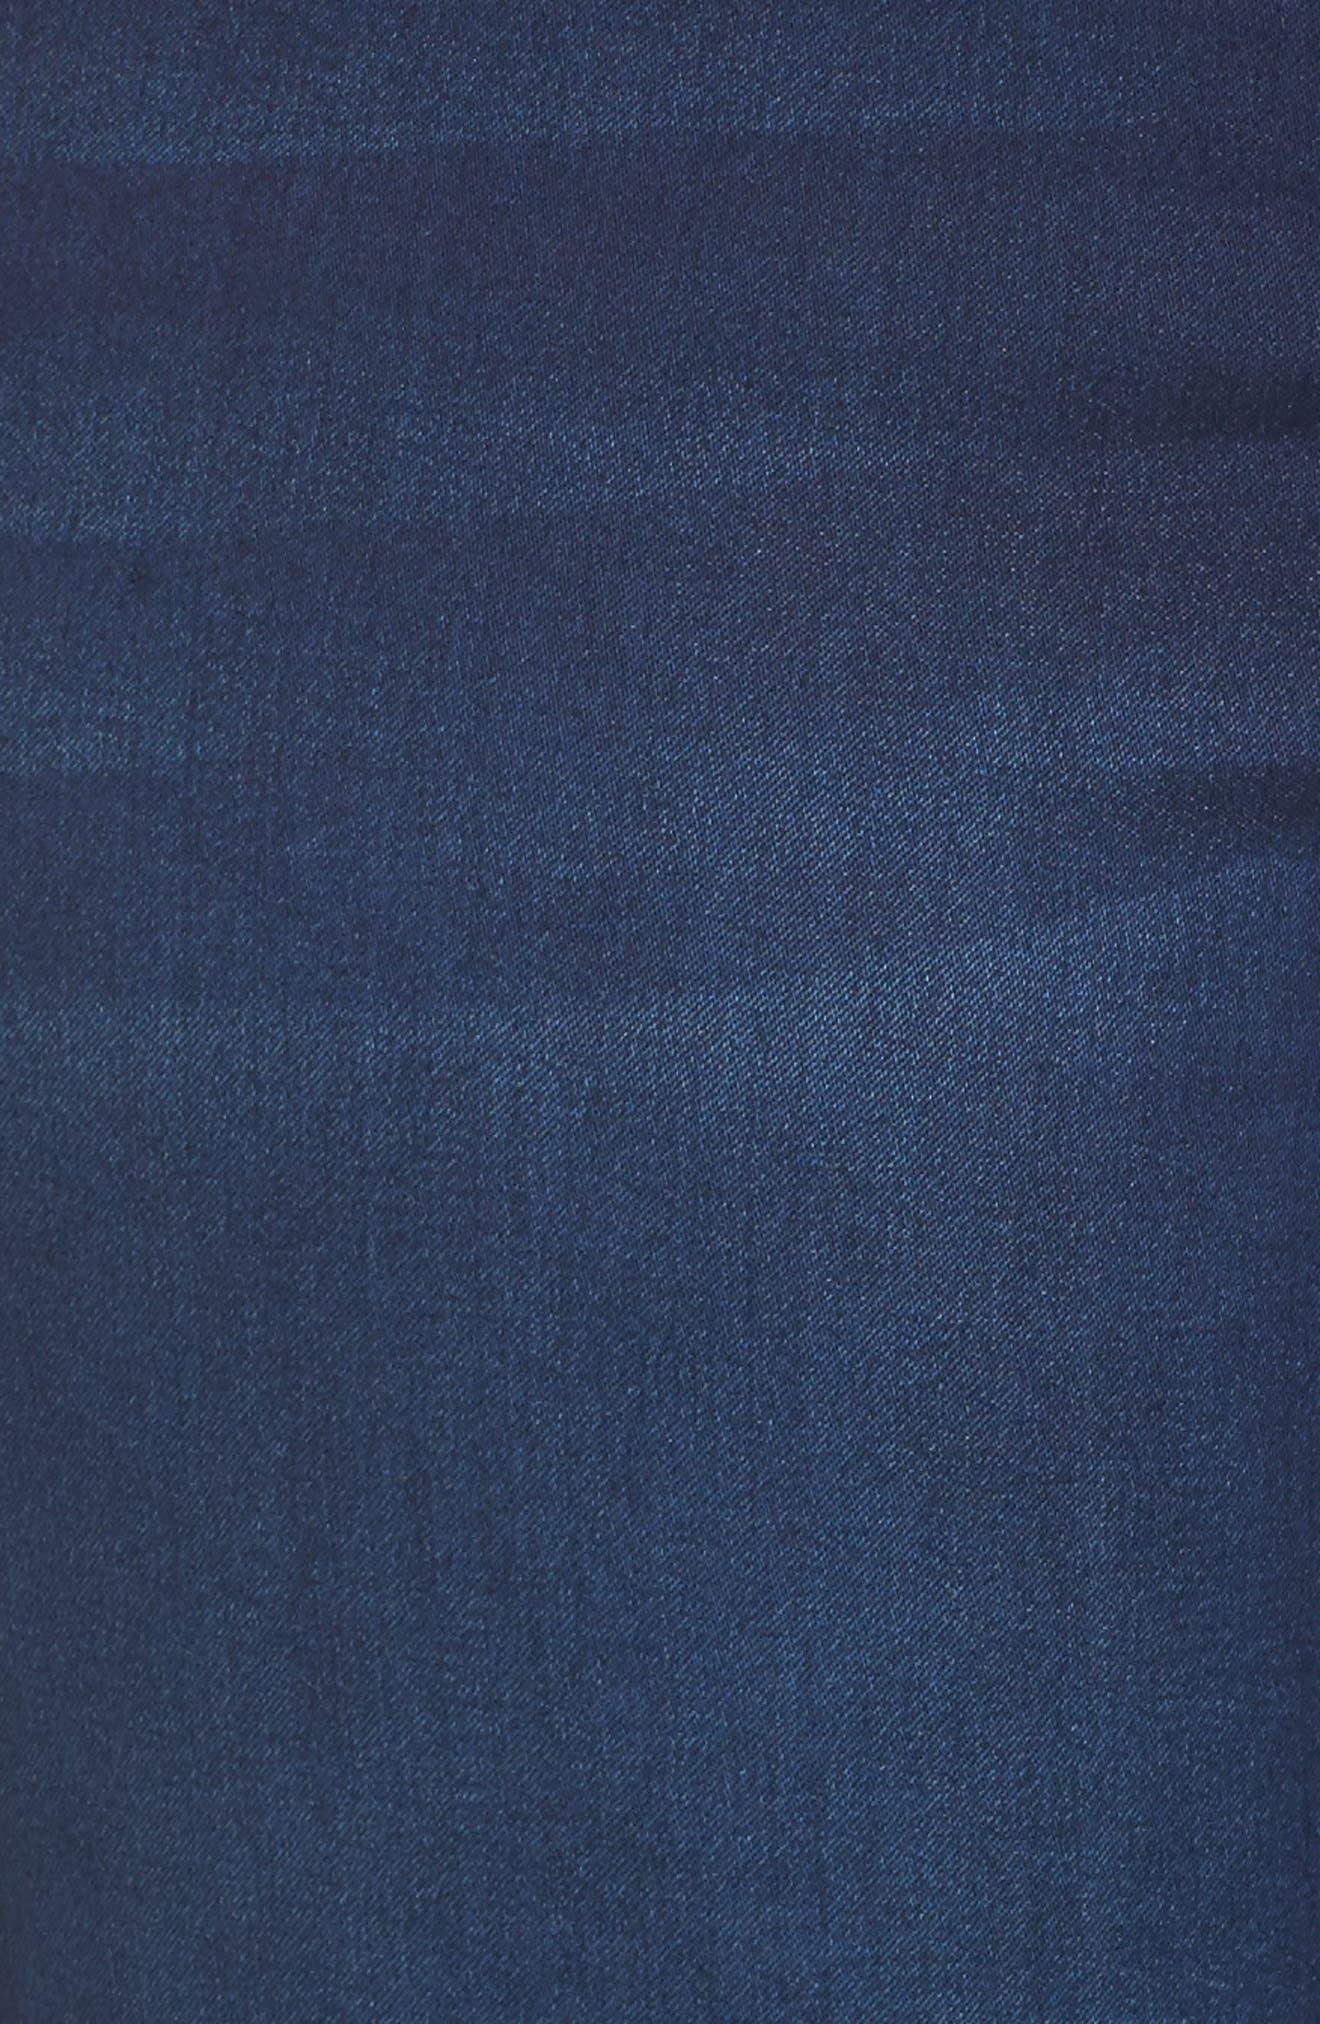 MELISSA MCCARTHY SEVEN7,                             Lace-Up Pencil Leg Jeans,                             Alternate thumbnail 5, color,                             405